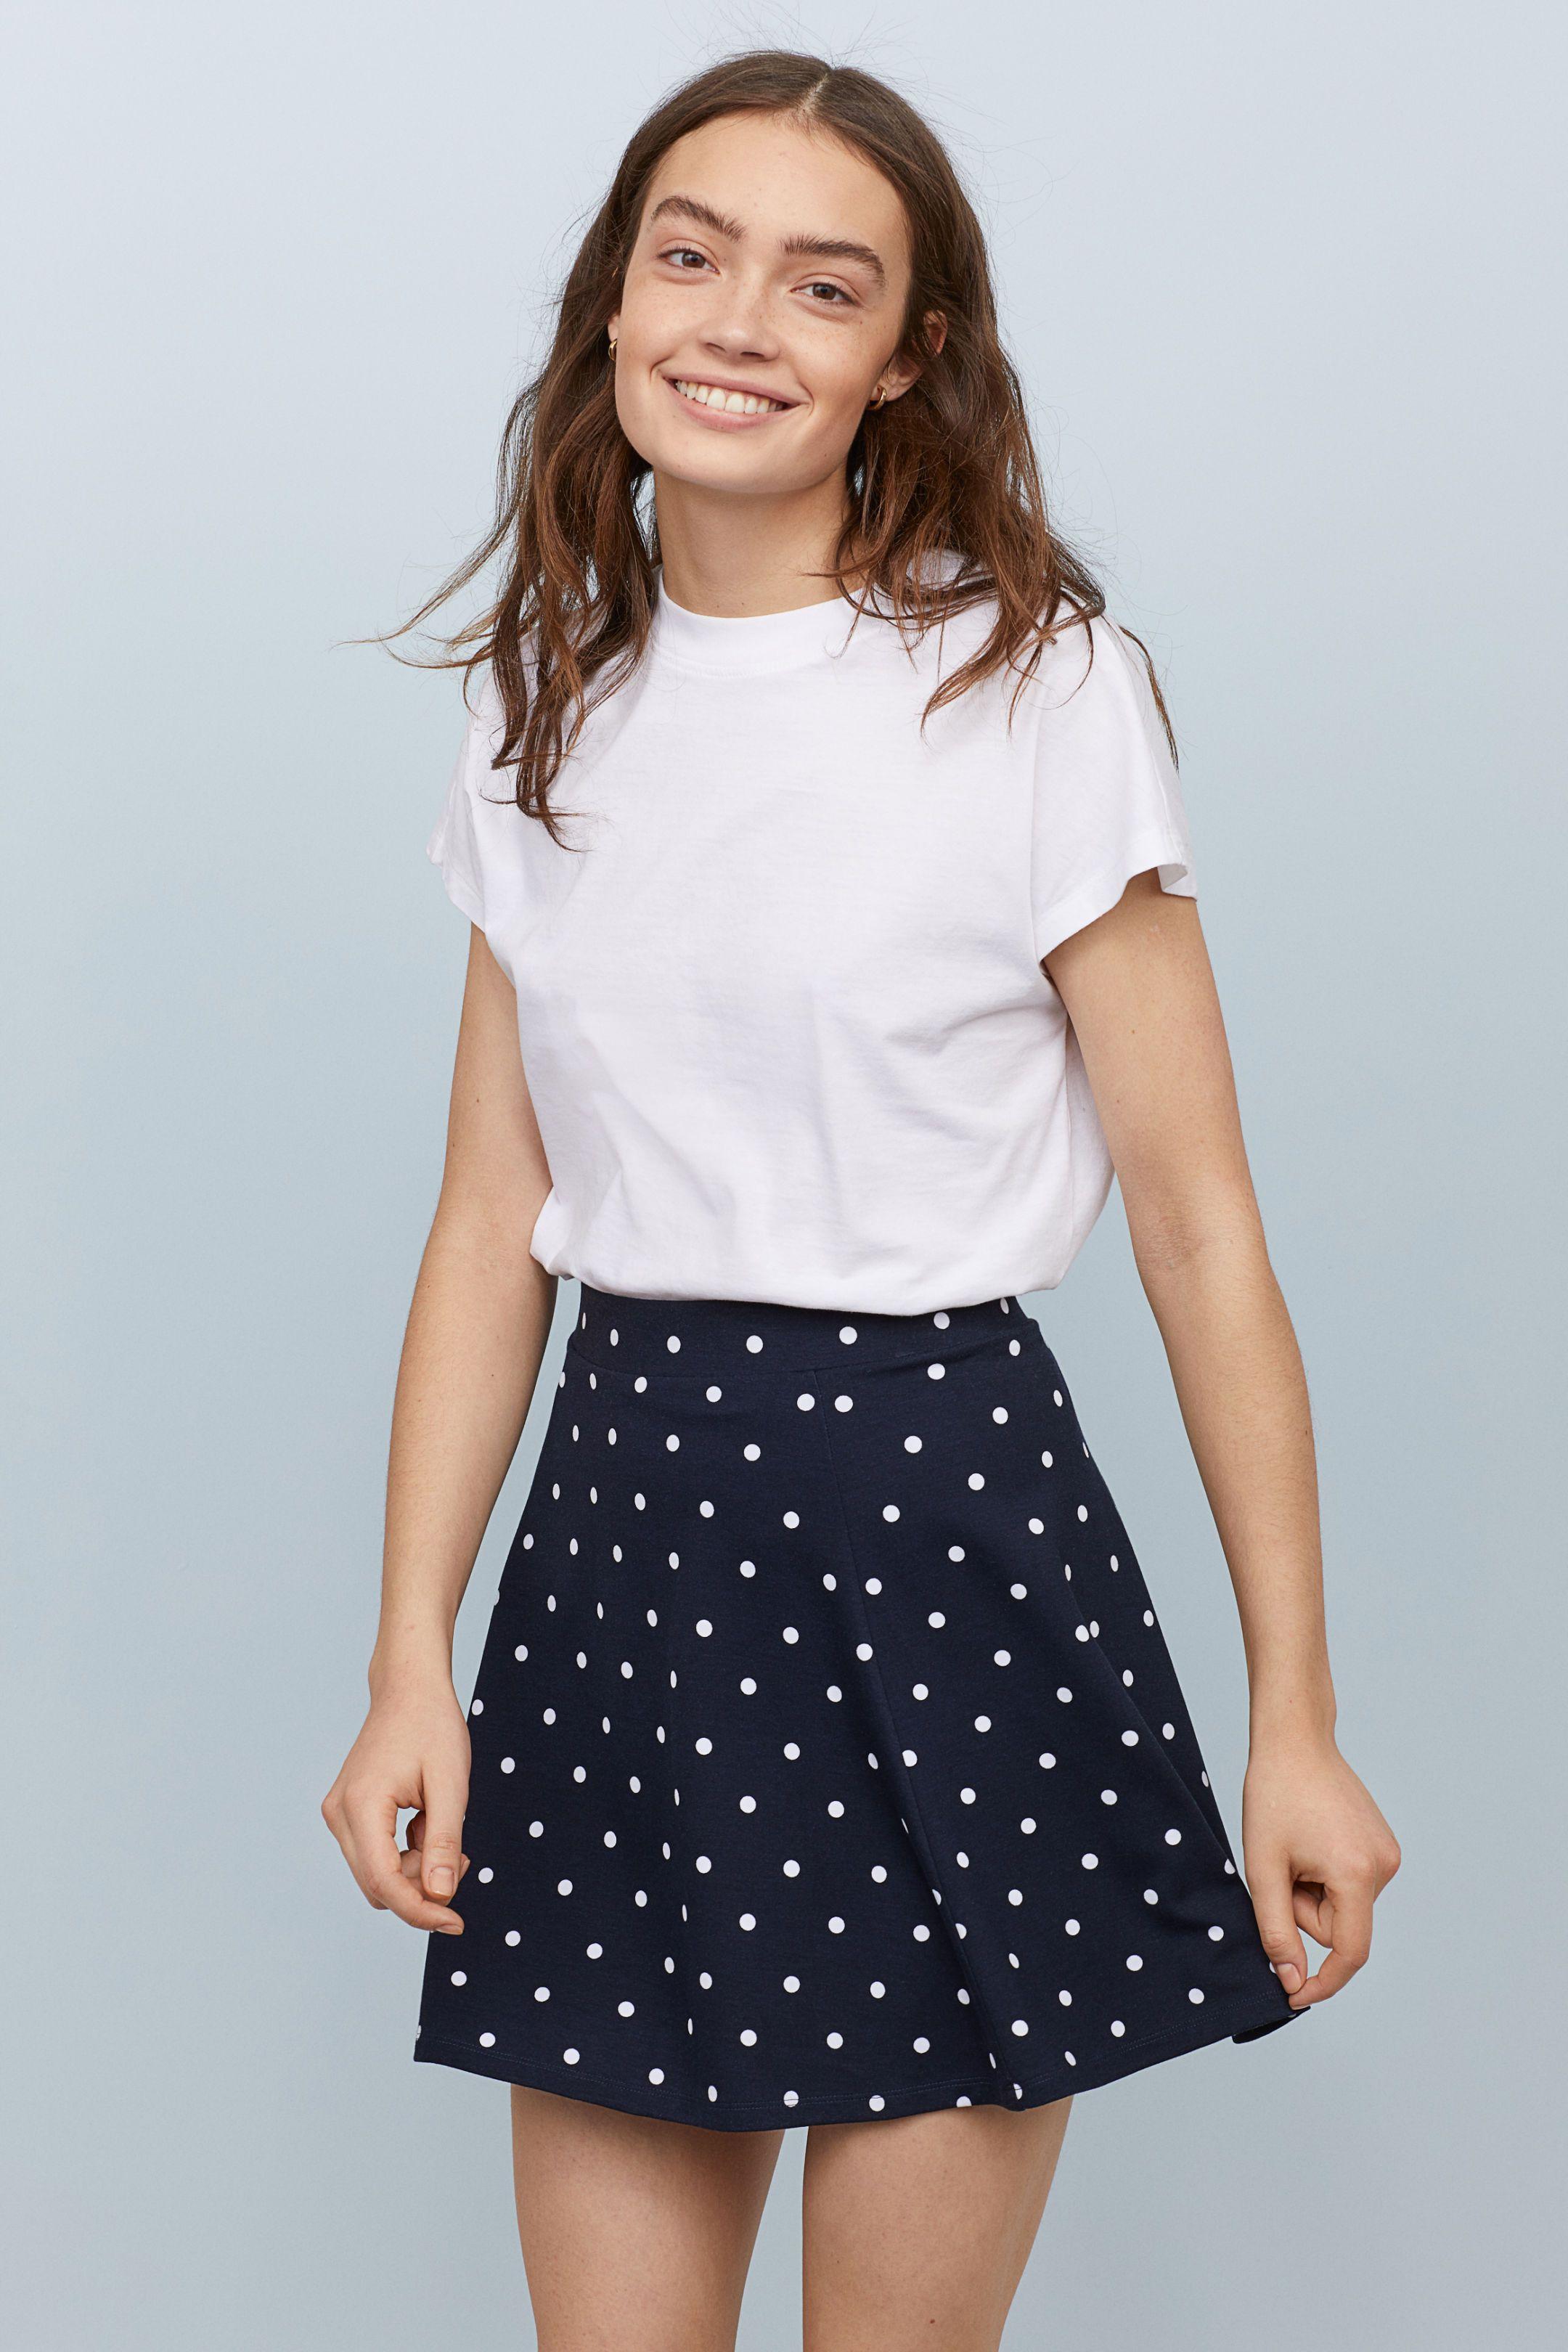 e0ea0f70099b Skater Skirt in 2019   clothes and shoes   Skater skirt, Blue skater ...